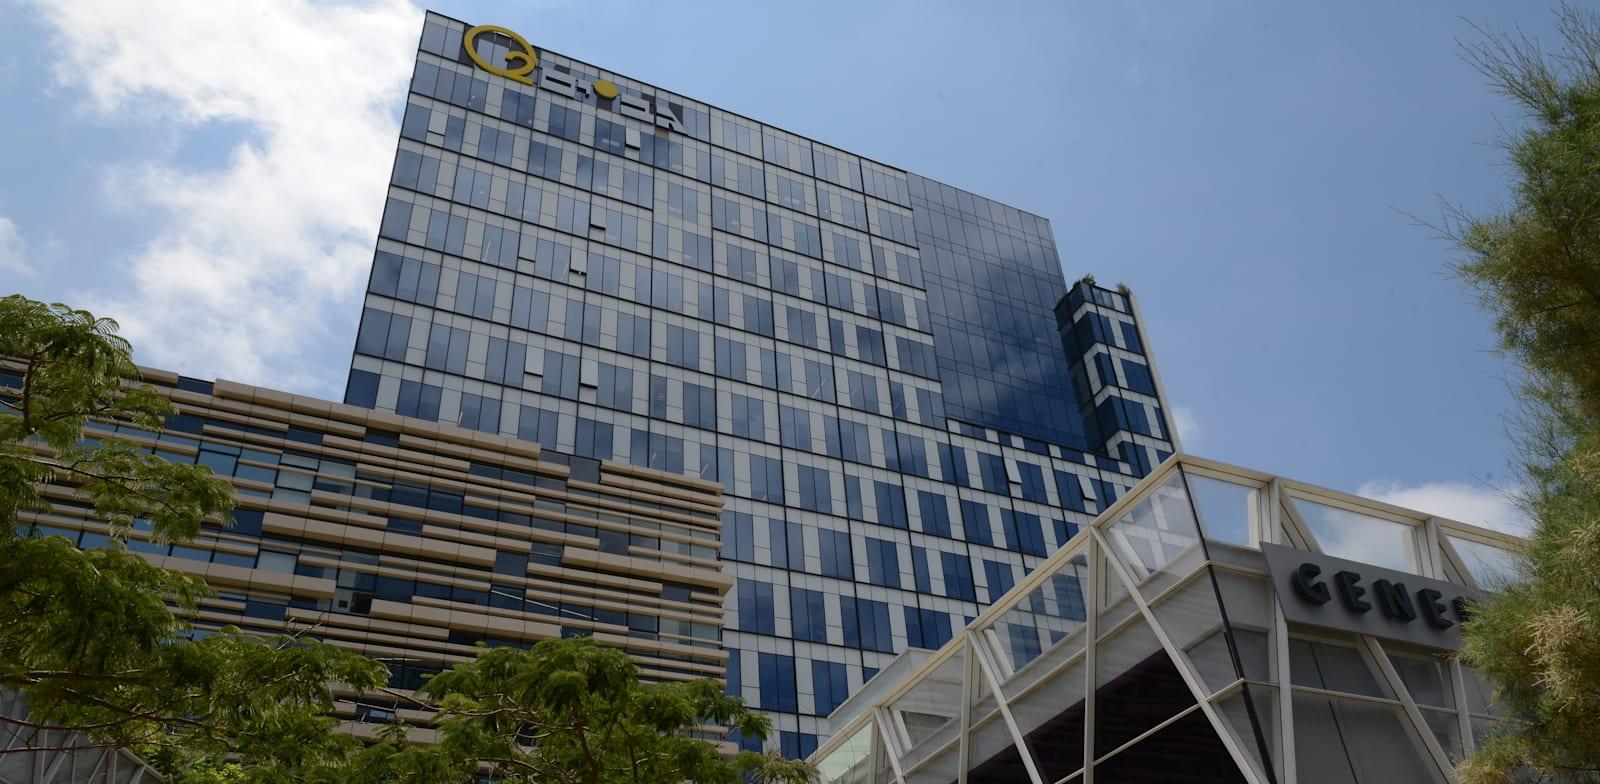 בניין NSO, הרצליה / צילום: איל יצהר